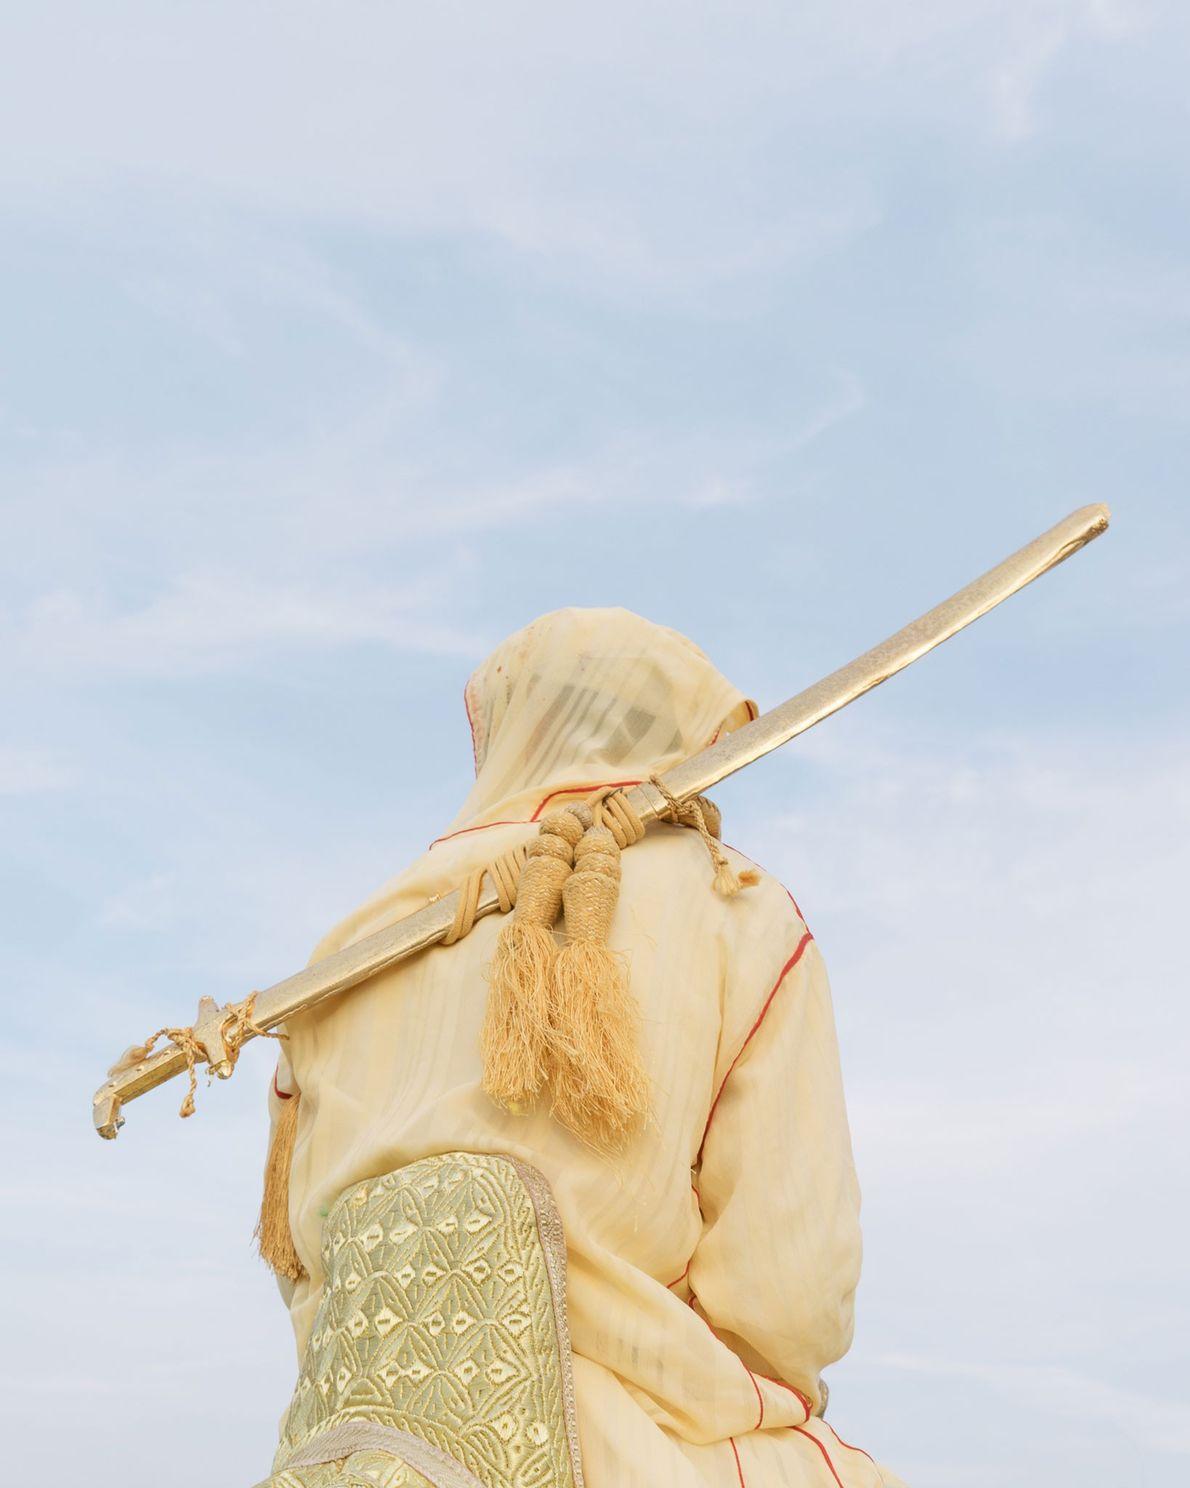 Ce cavalier est vêtu d'une djellaba, un vêtement ample doté de manches longues et d'une capuche, ...